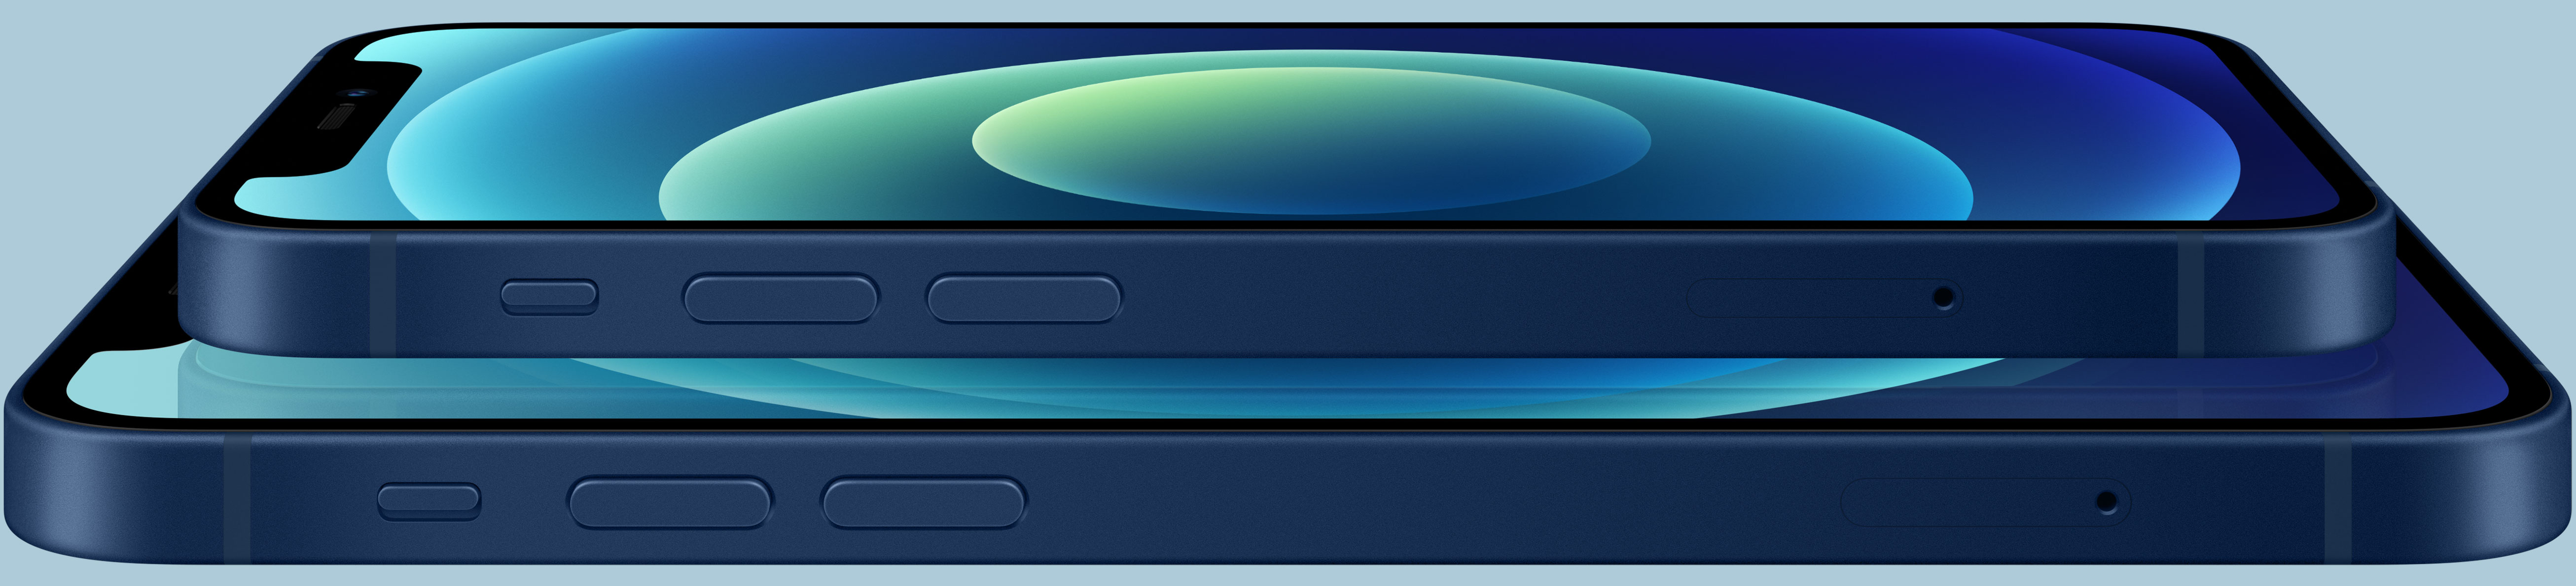 Новый OLED дисплей отличается высоким уровнем контрастности и широчайшим цветовым охватом и является самым лучшим дисплеем который использовался в iPhone.